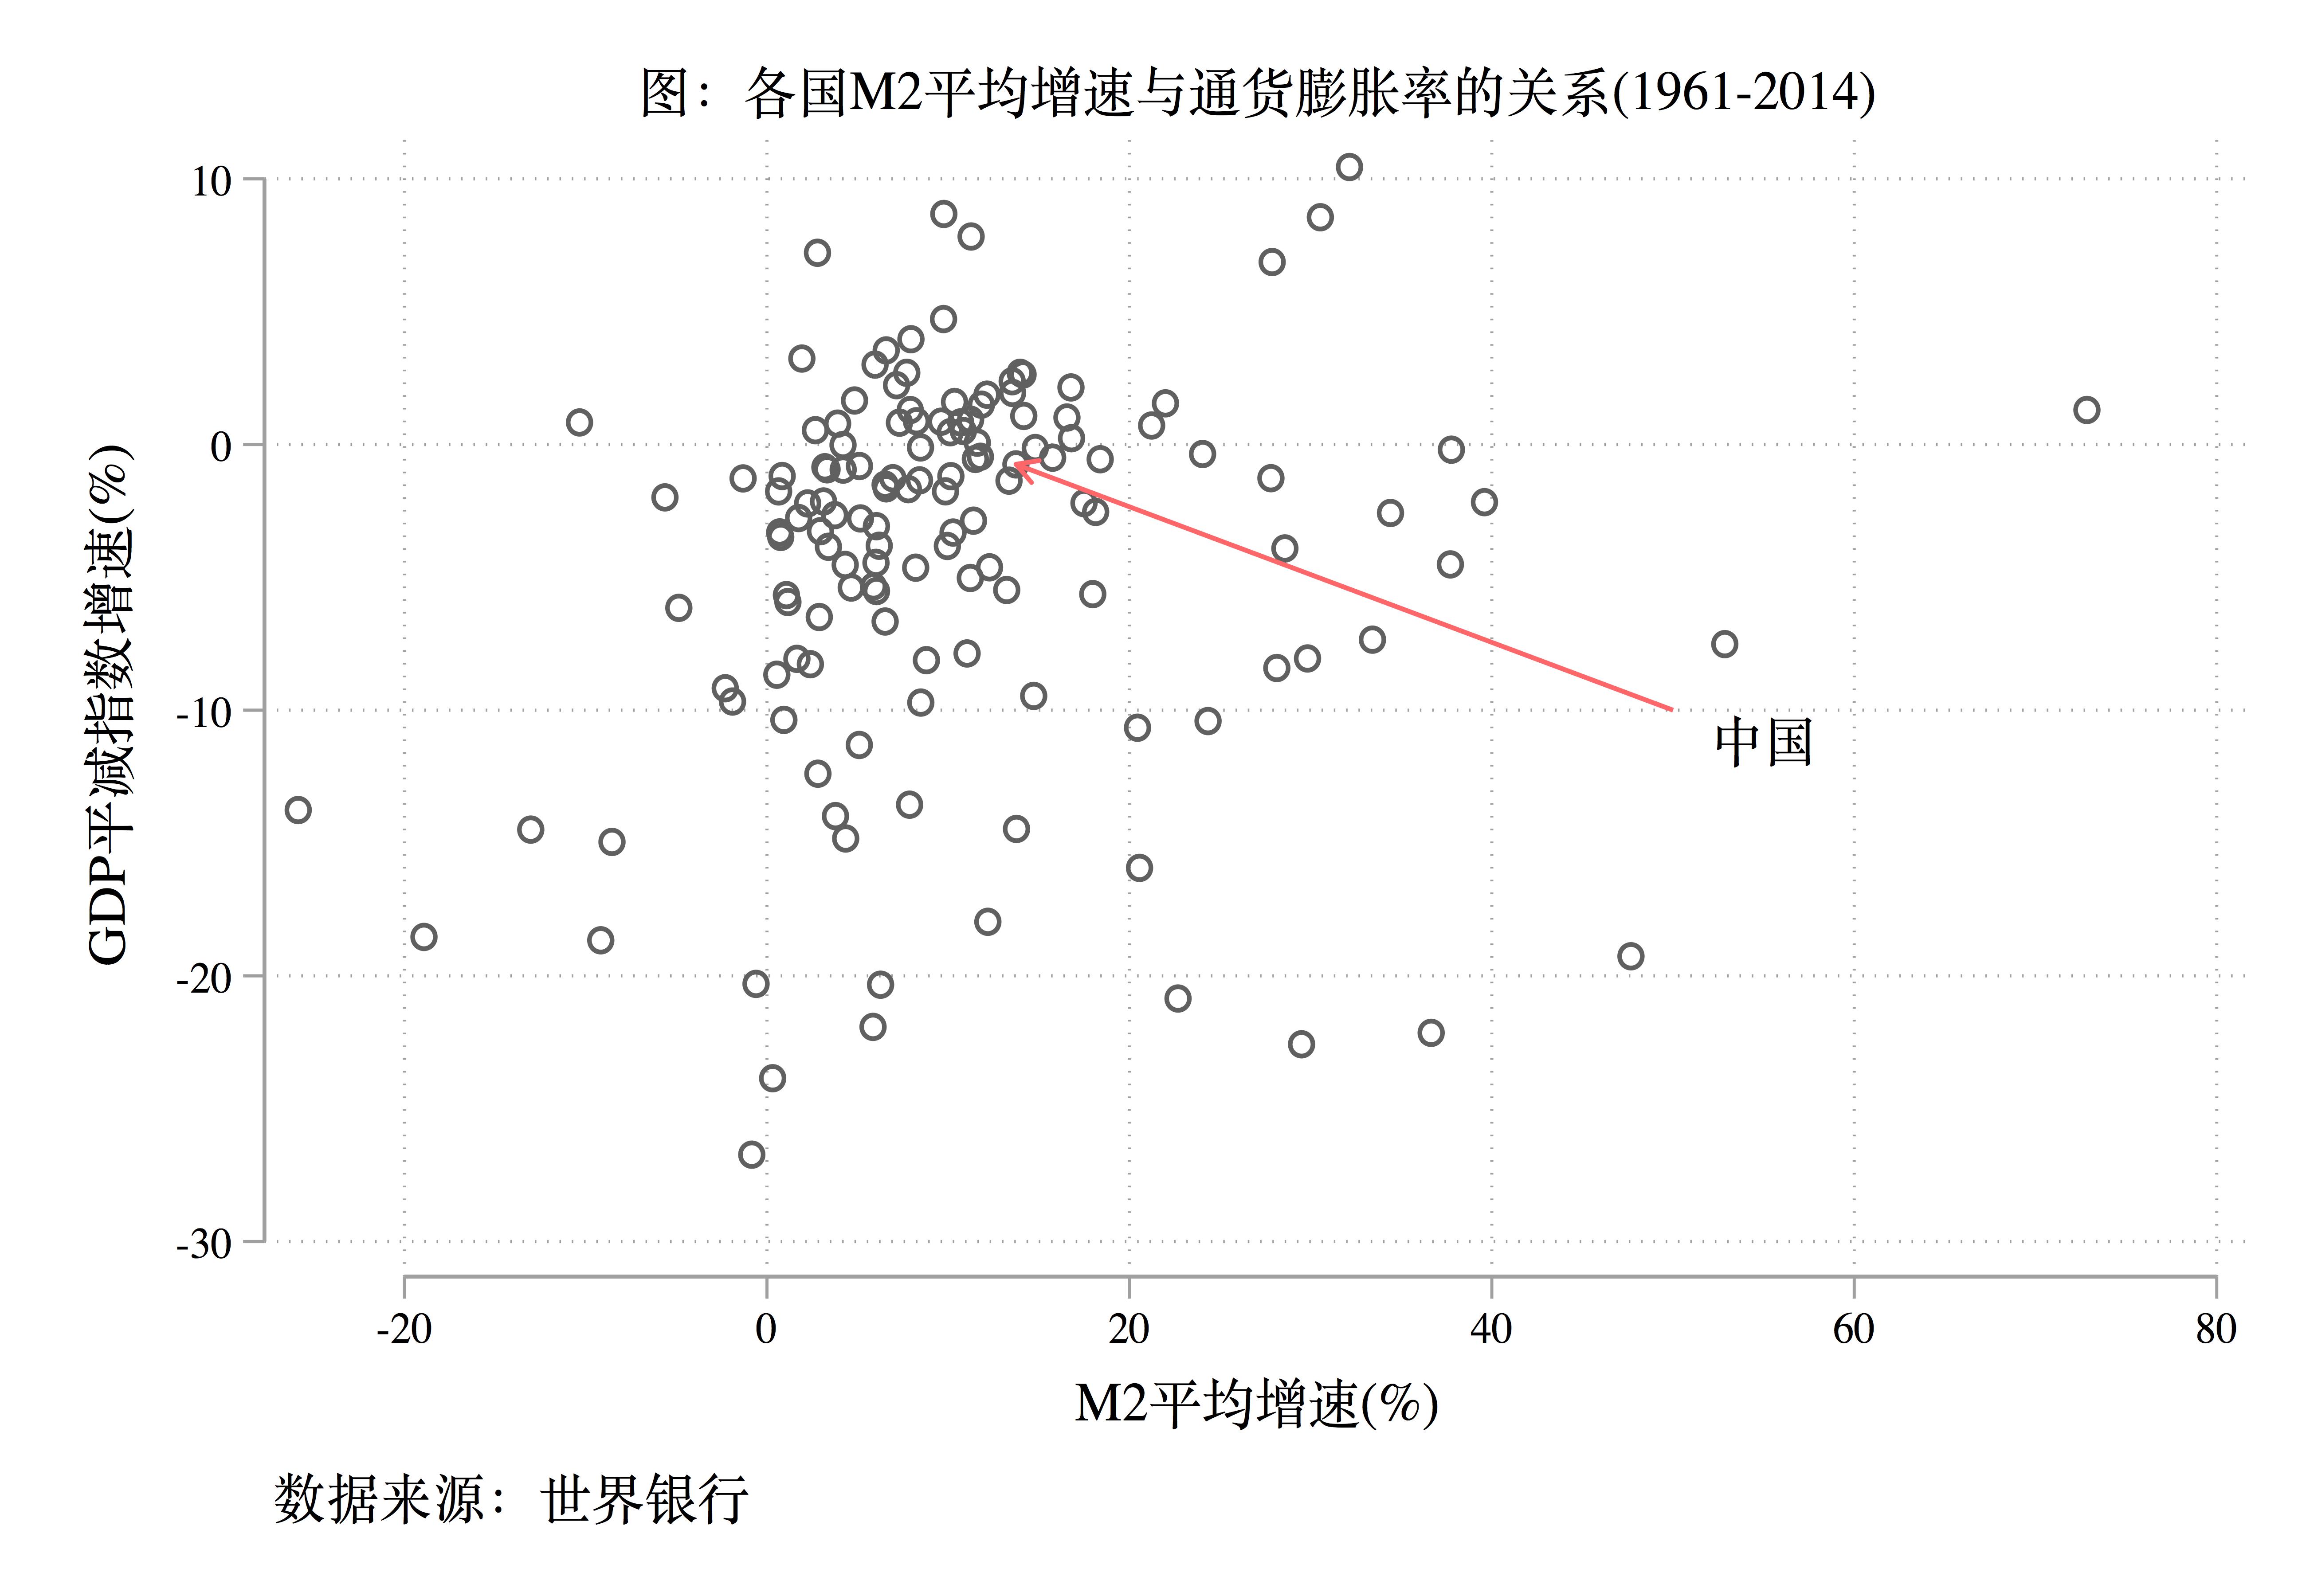 图2: 各国M2平均增速与通货膨胀率的关系(1961-2014)